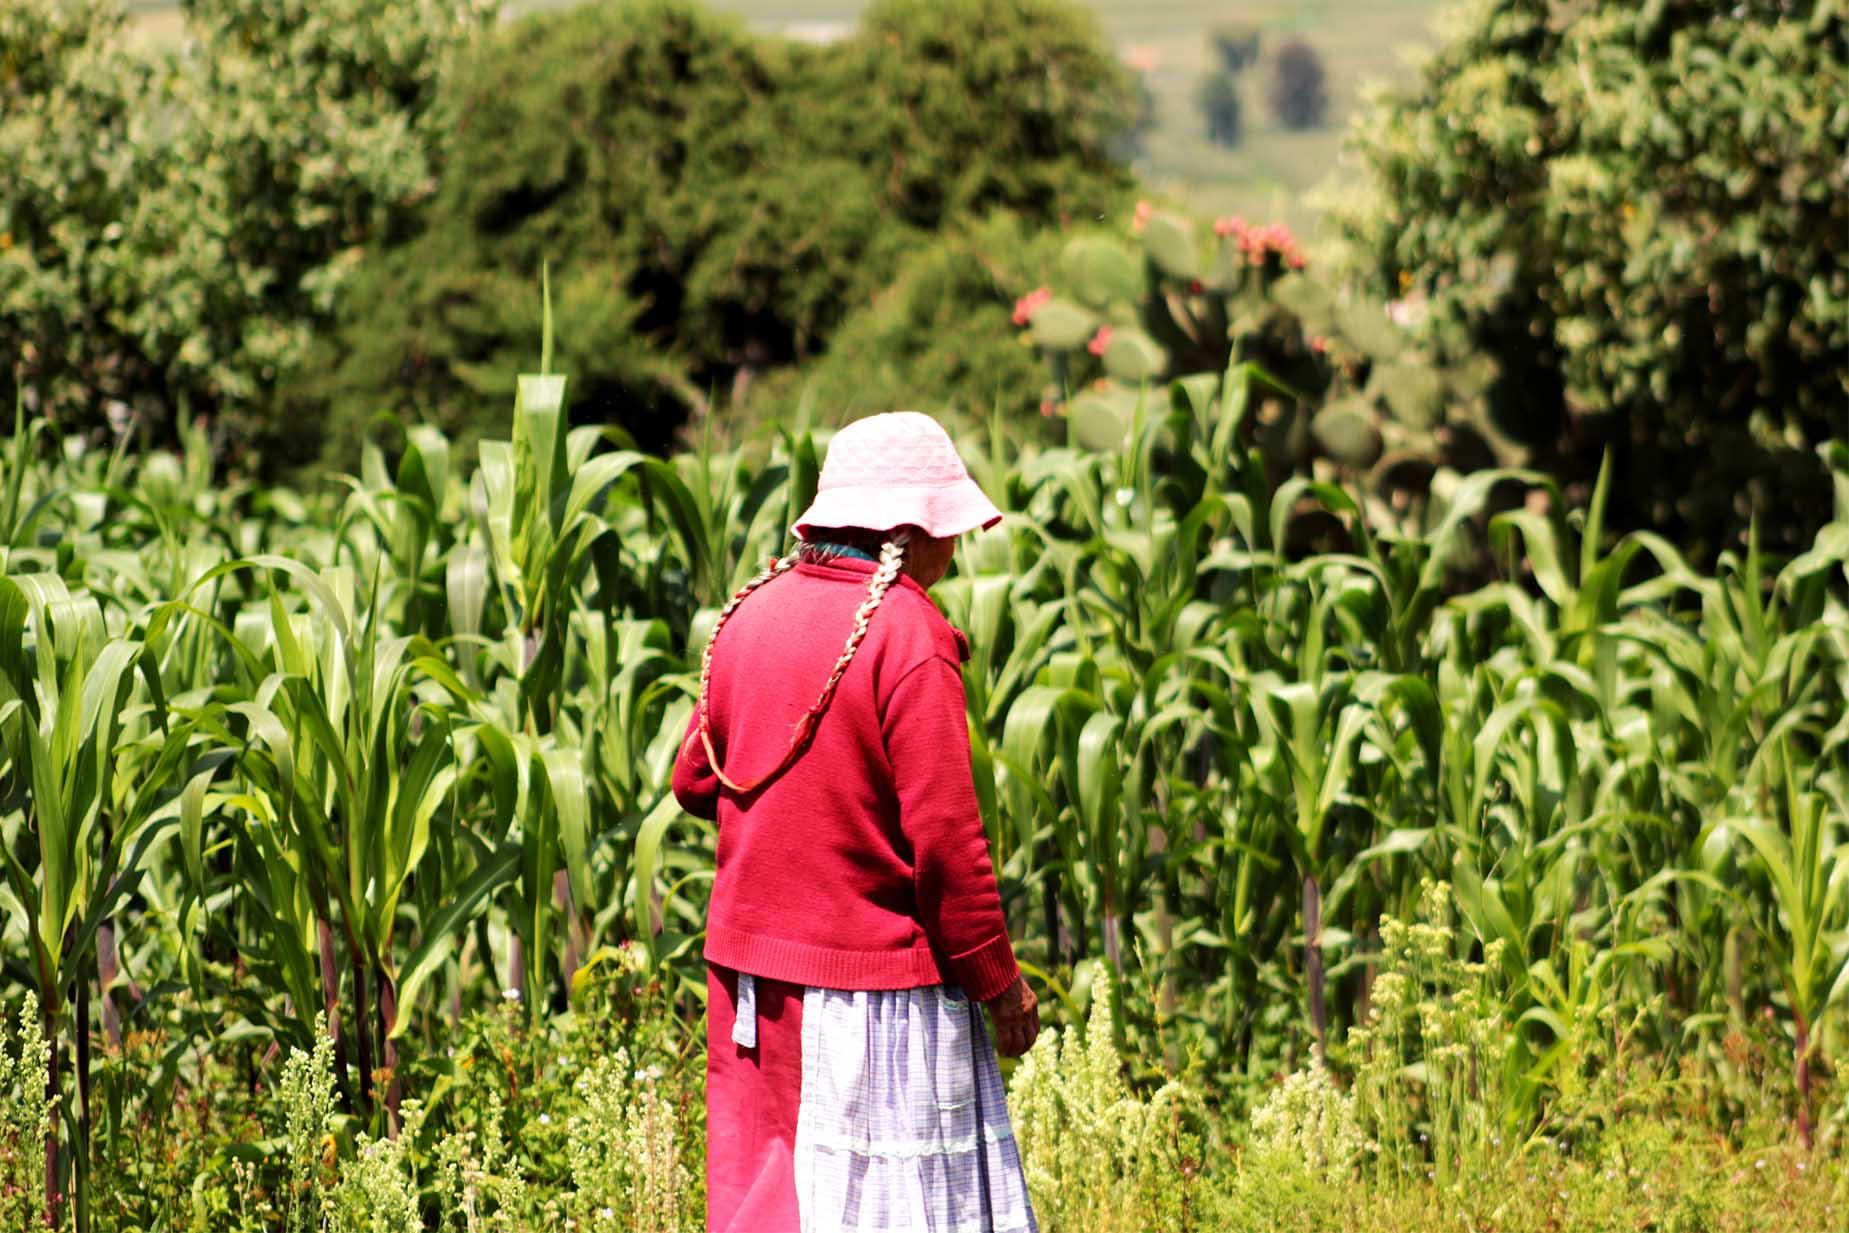 mujeres campesinas mujeres empresarias del campo mexicano productores de maiz mexicano